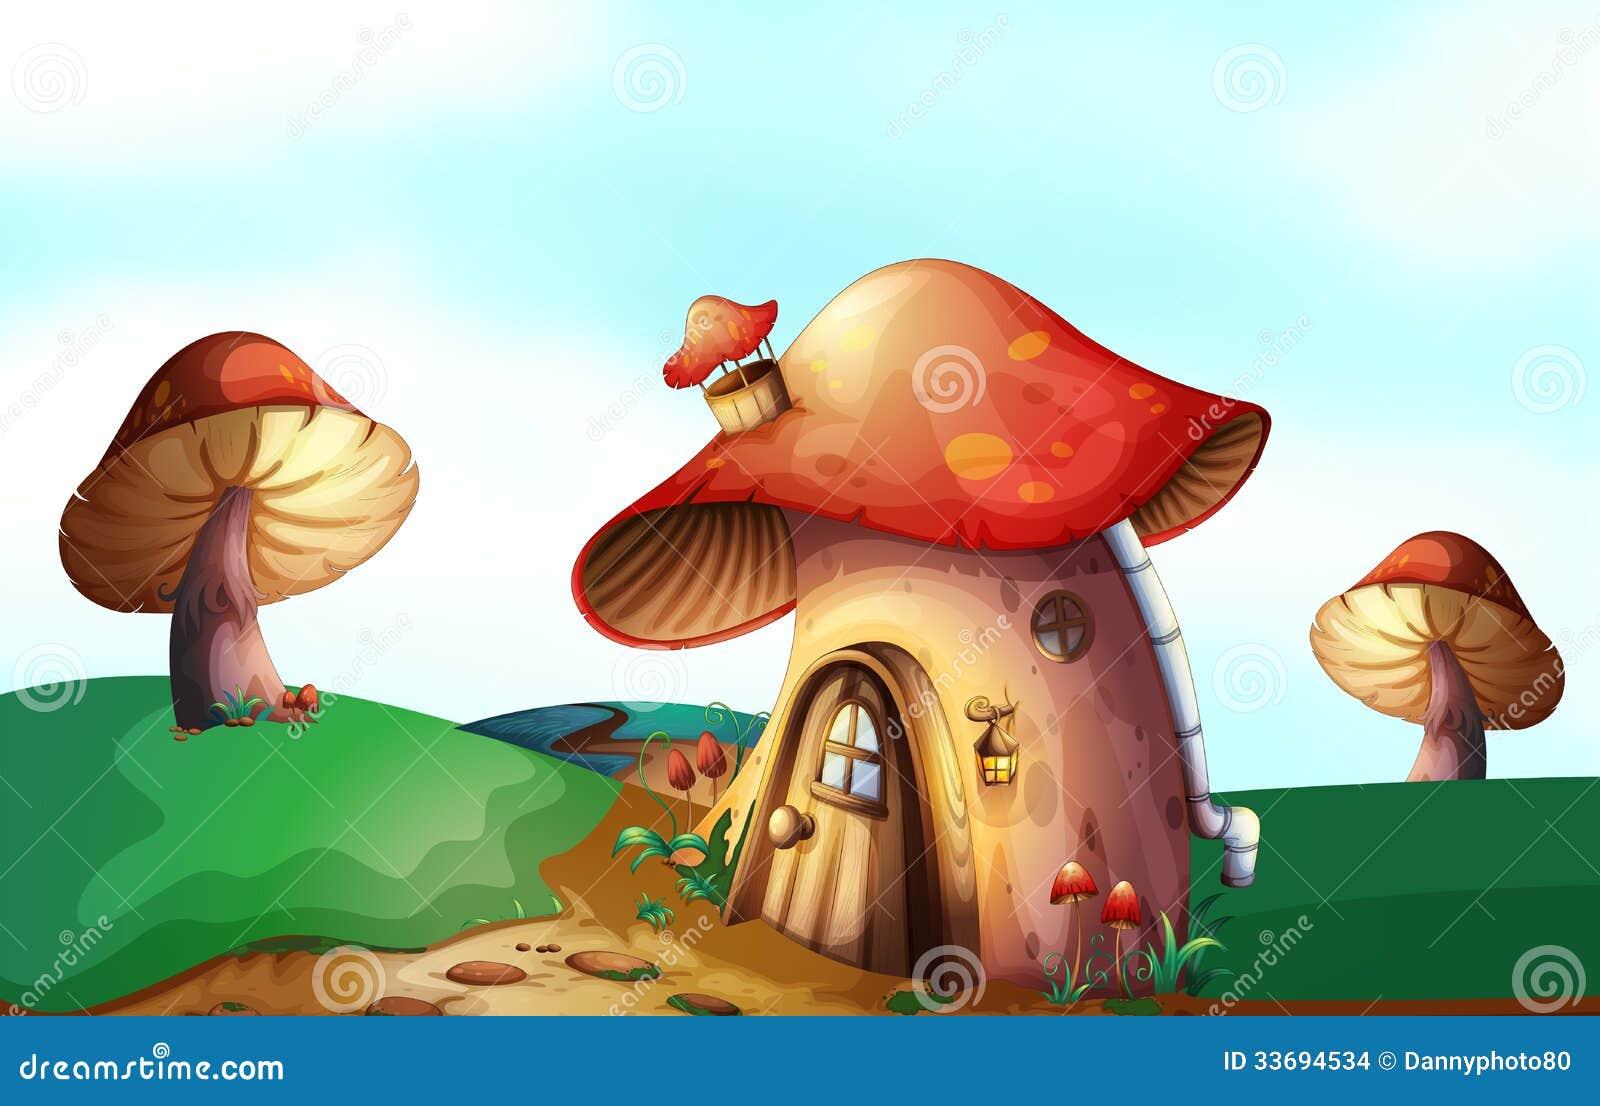 une maison de champignon en haut de la colline images. Black Bedroom Furniture Sets. Home Design Ideas